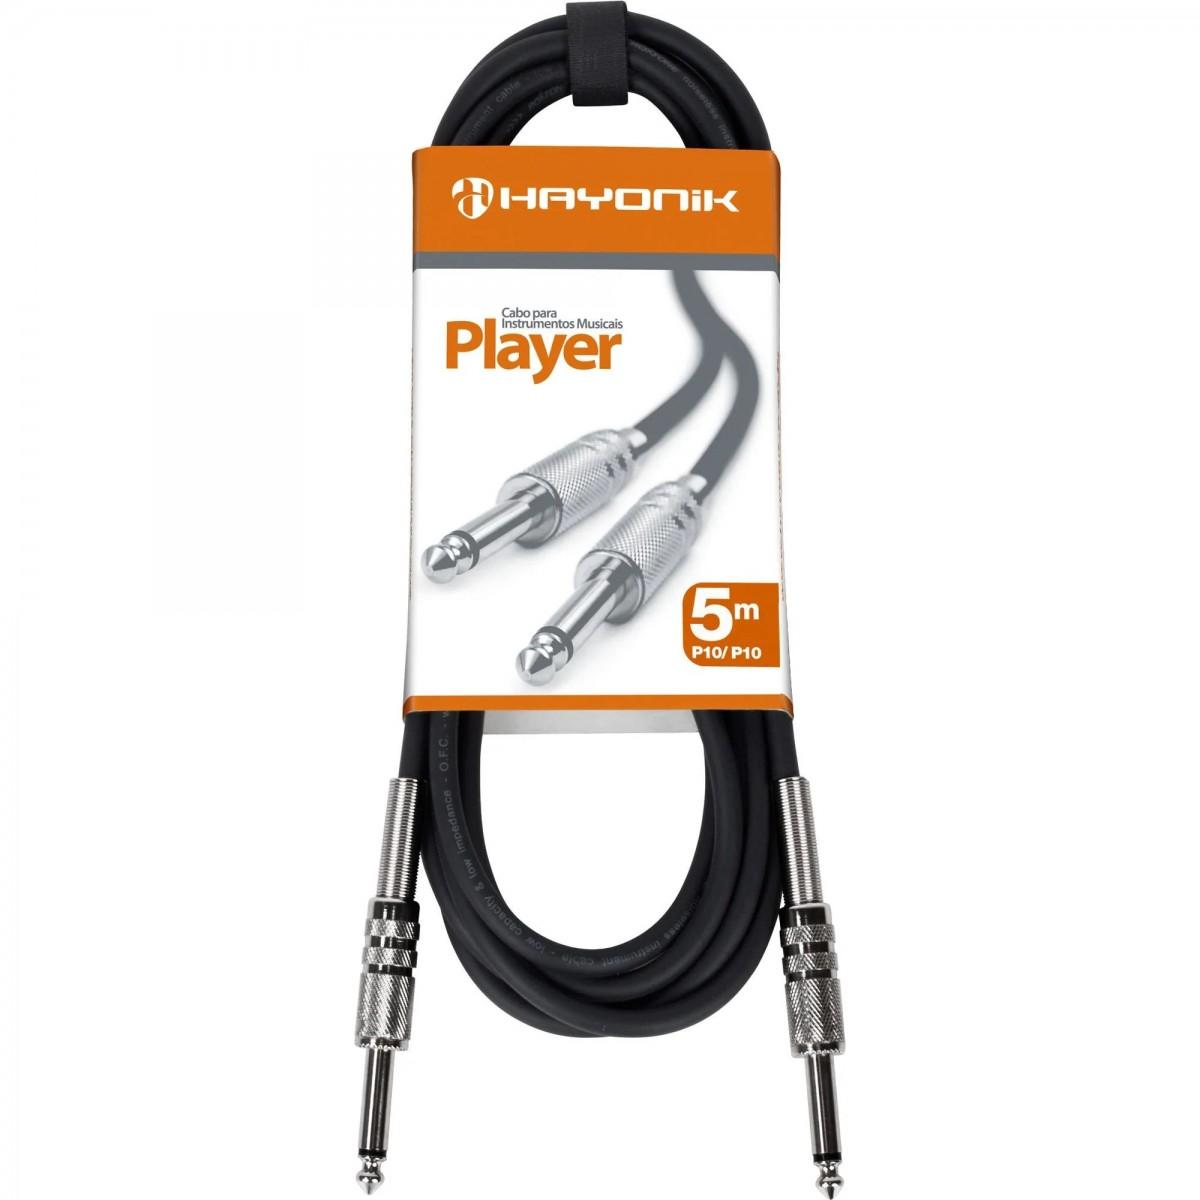 Imagem do produto Cabo para Instrumentos P10 x P10 5m HAYONIK PLAYER